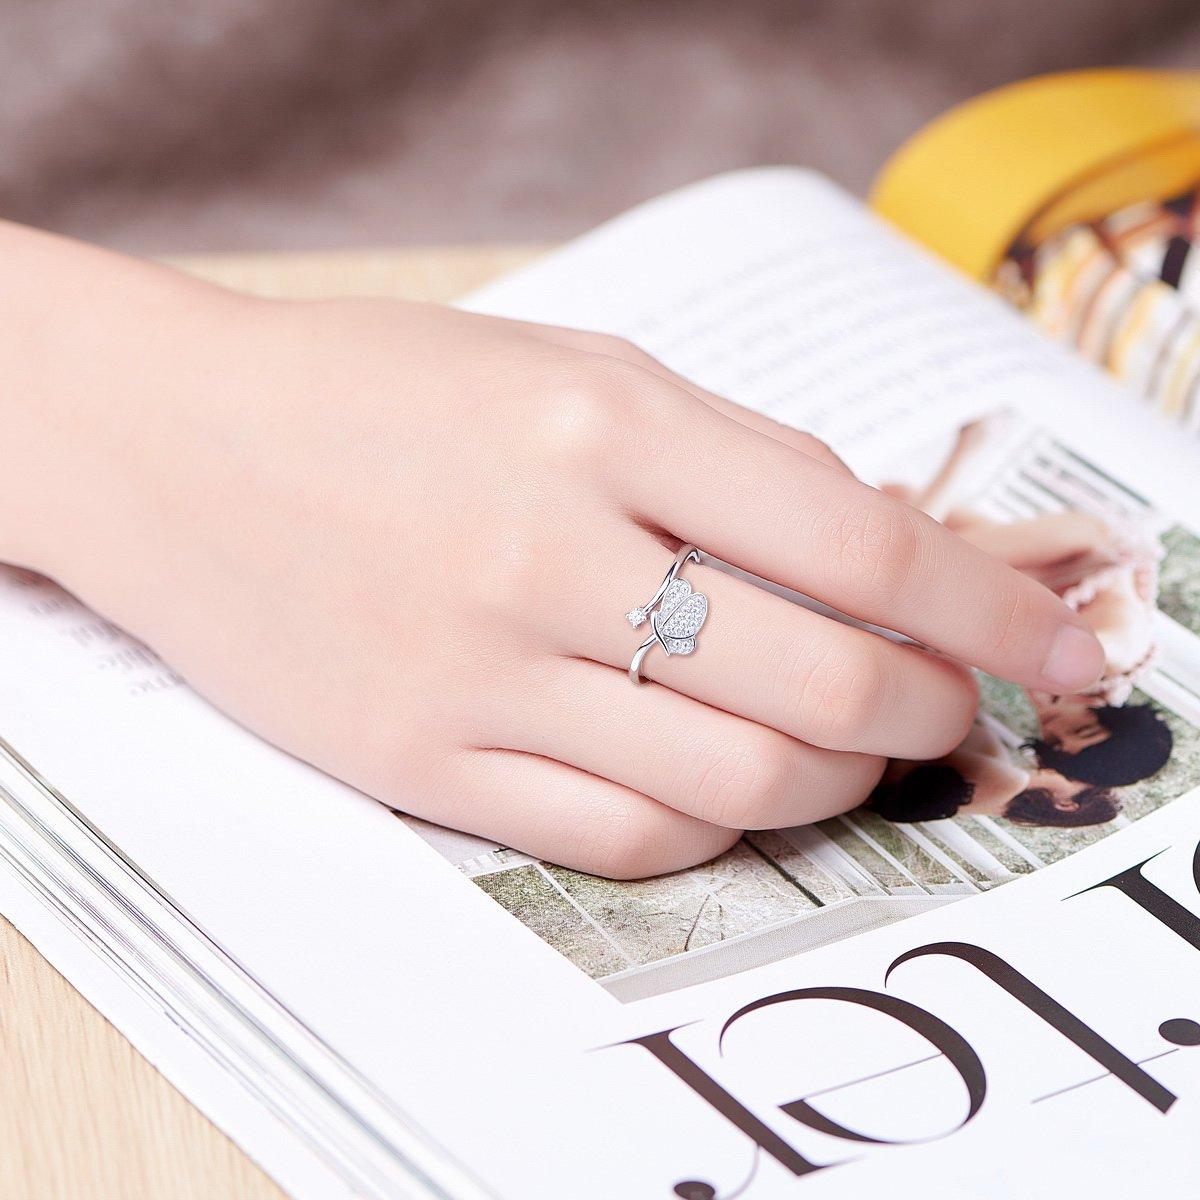 Amazon.com: SHEGRACE 925 Sterling Silver Flower Ring for Girls ...